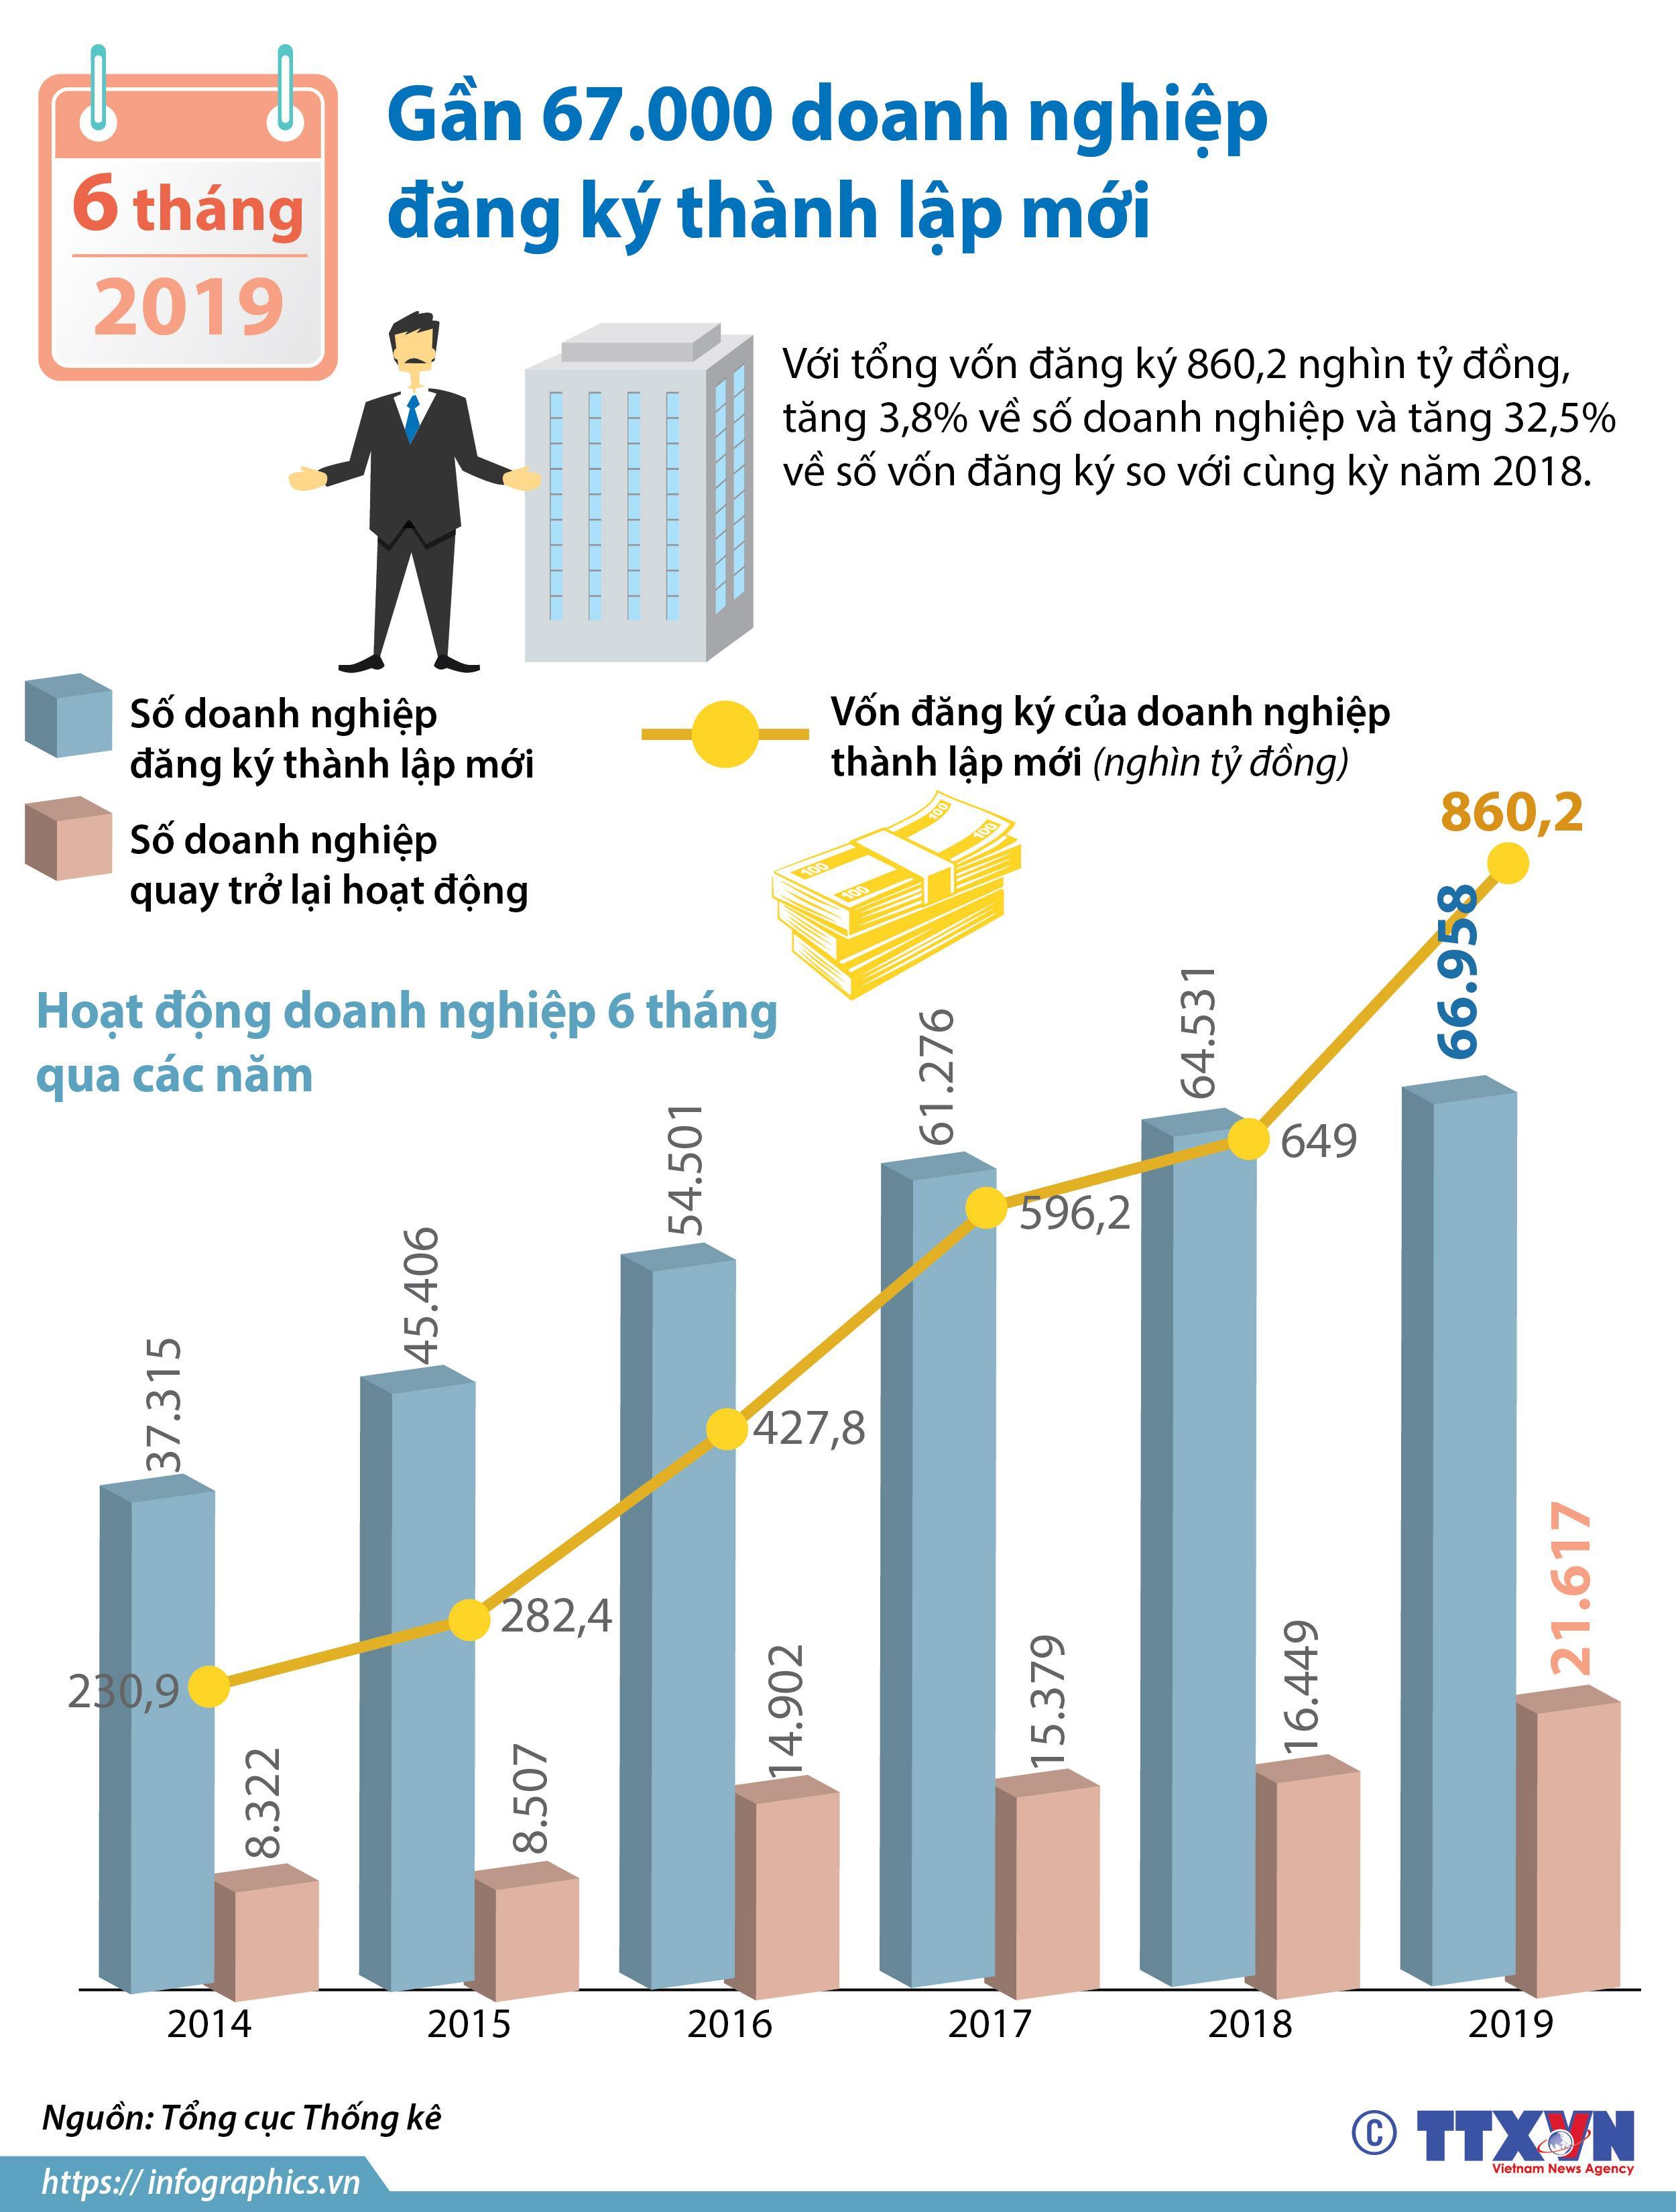 Inforgraphic  6 tháng đầu năm, gần 67 000 doanh nghiệp đăng ký thành lập mới